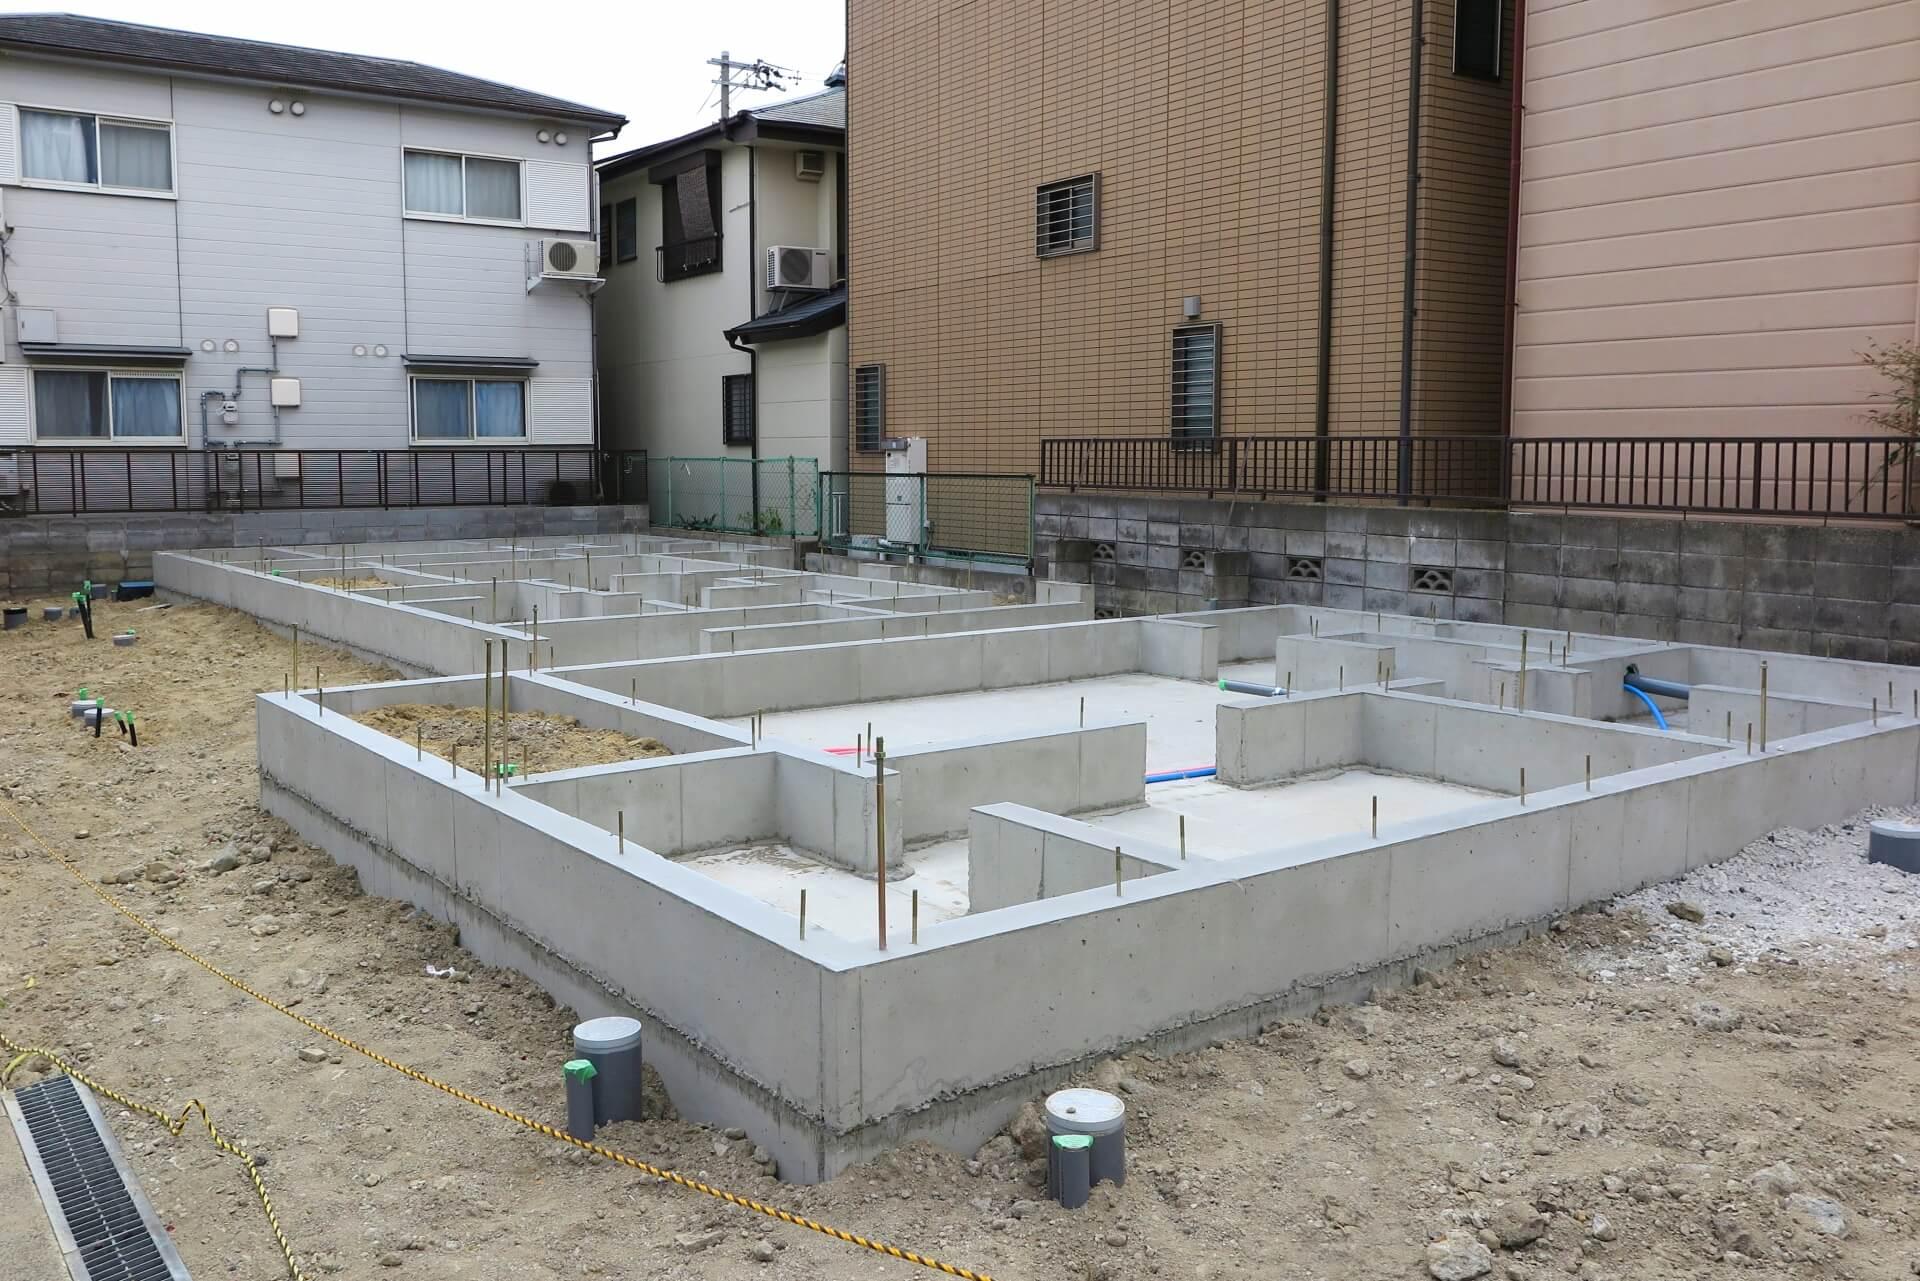 カーポート設置の注意点! 基礎工事で雨が降ってもコンクリートは大丈夫?